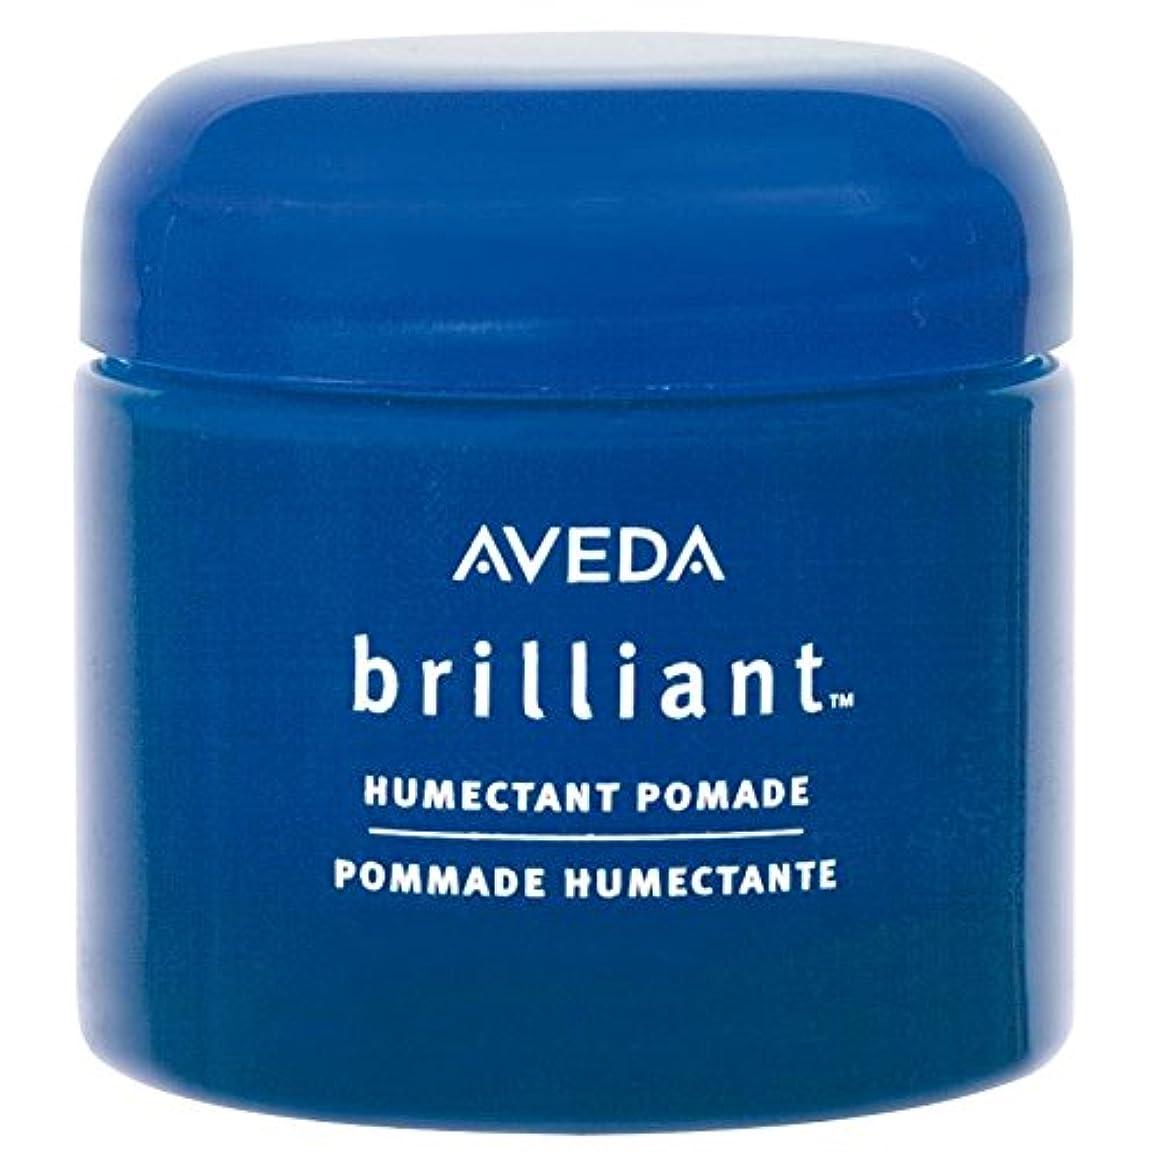 アカウント故国マスタード[AVEDA] アヴェダ華麗な保湿剤のポマードの75ミリリットル - Aveda Brilliant Humectant Pomade 75ml [並行輸入品]